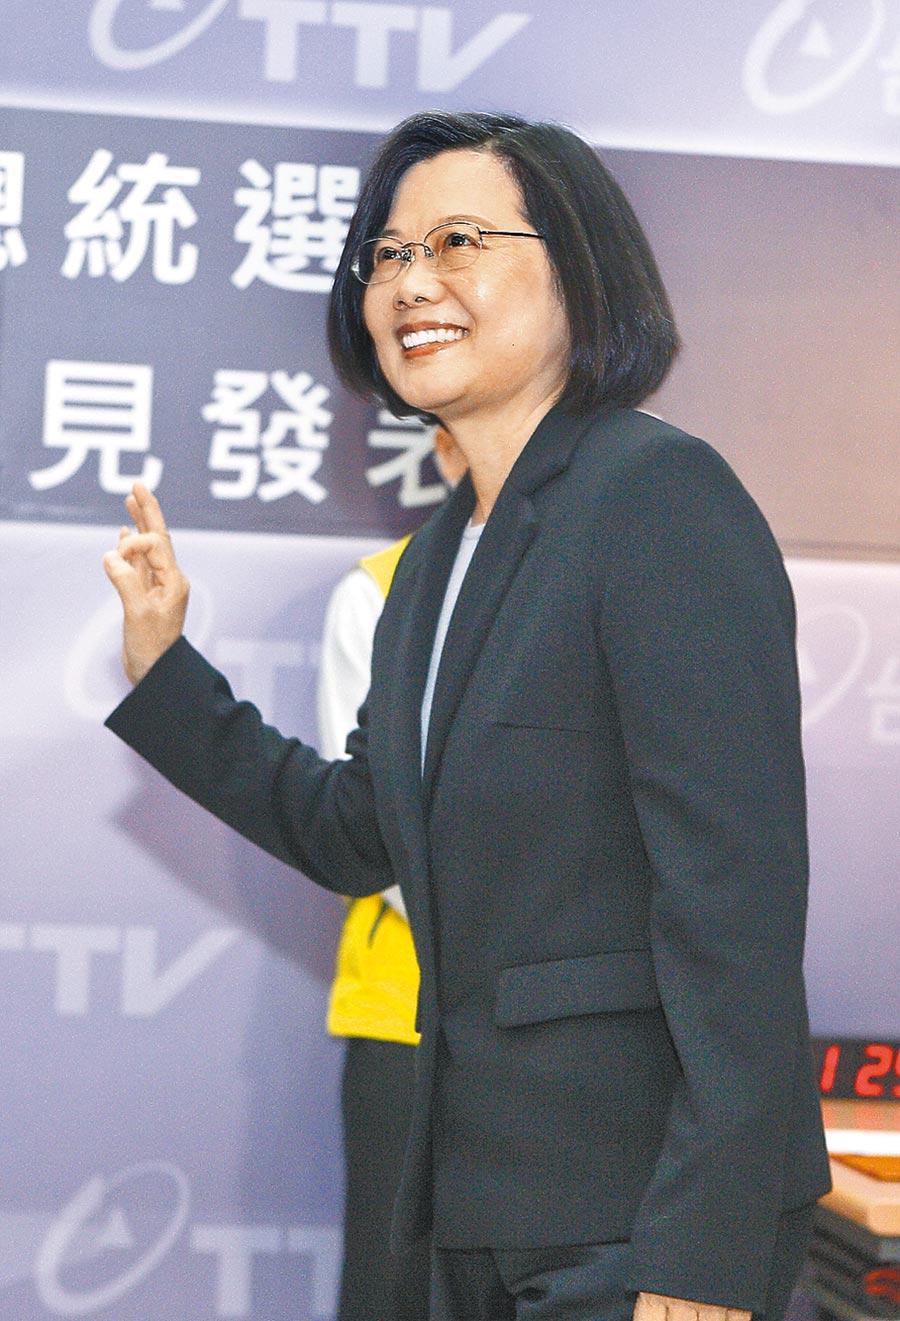 民進黨總統候選人蔡英文(張鎧乙攝)